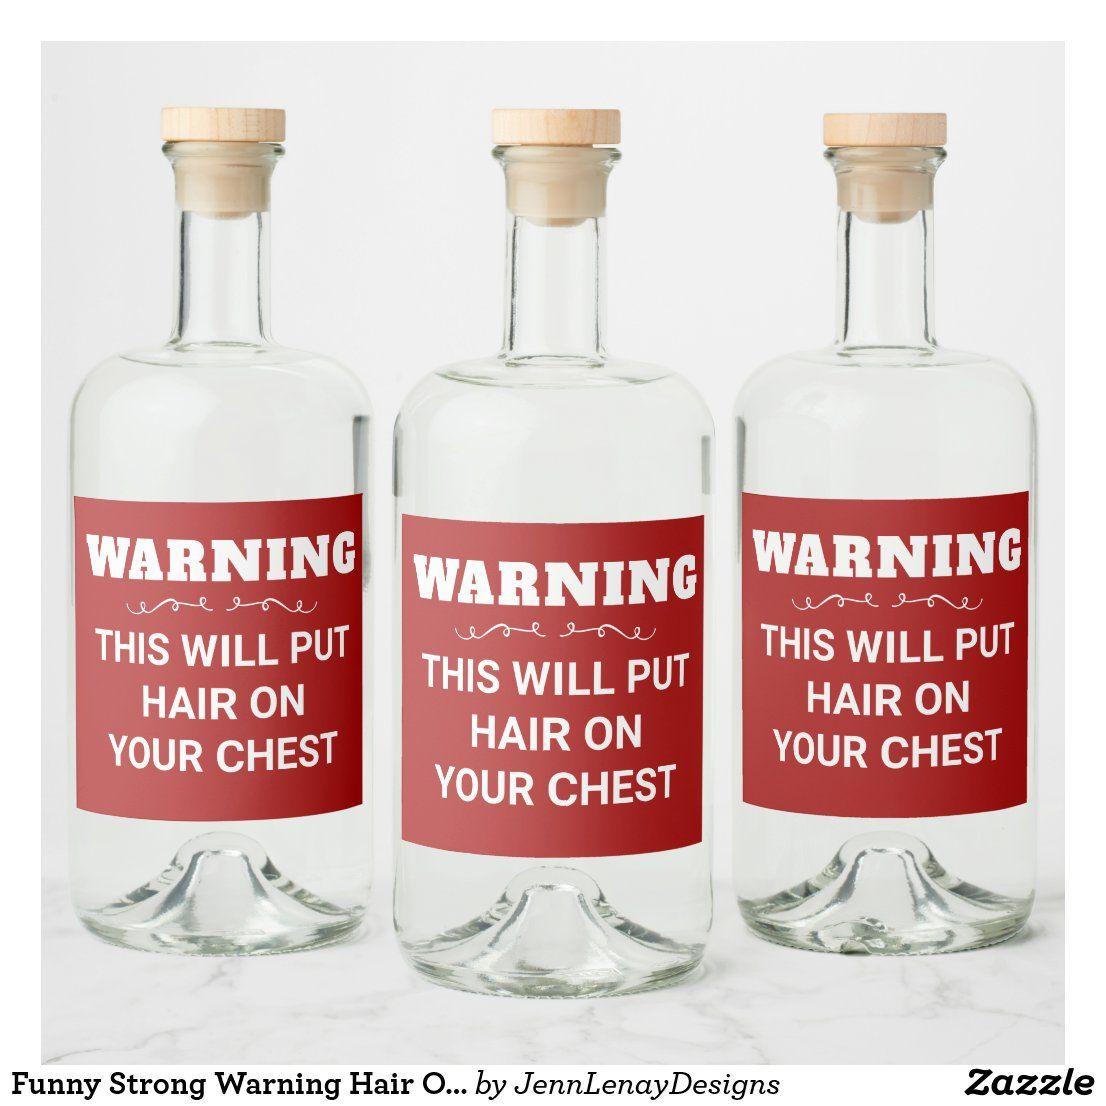 Funny Strong Warning Hair On Chest Red Mens Liquor Bottle Label Zazzle Com In 2020 Liquor Bottle Labels Liquor Bottles Liquor